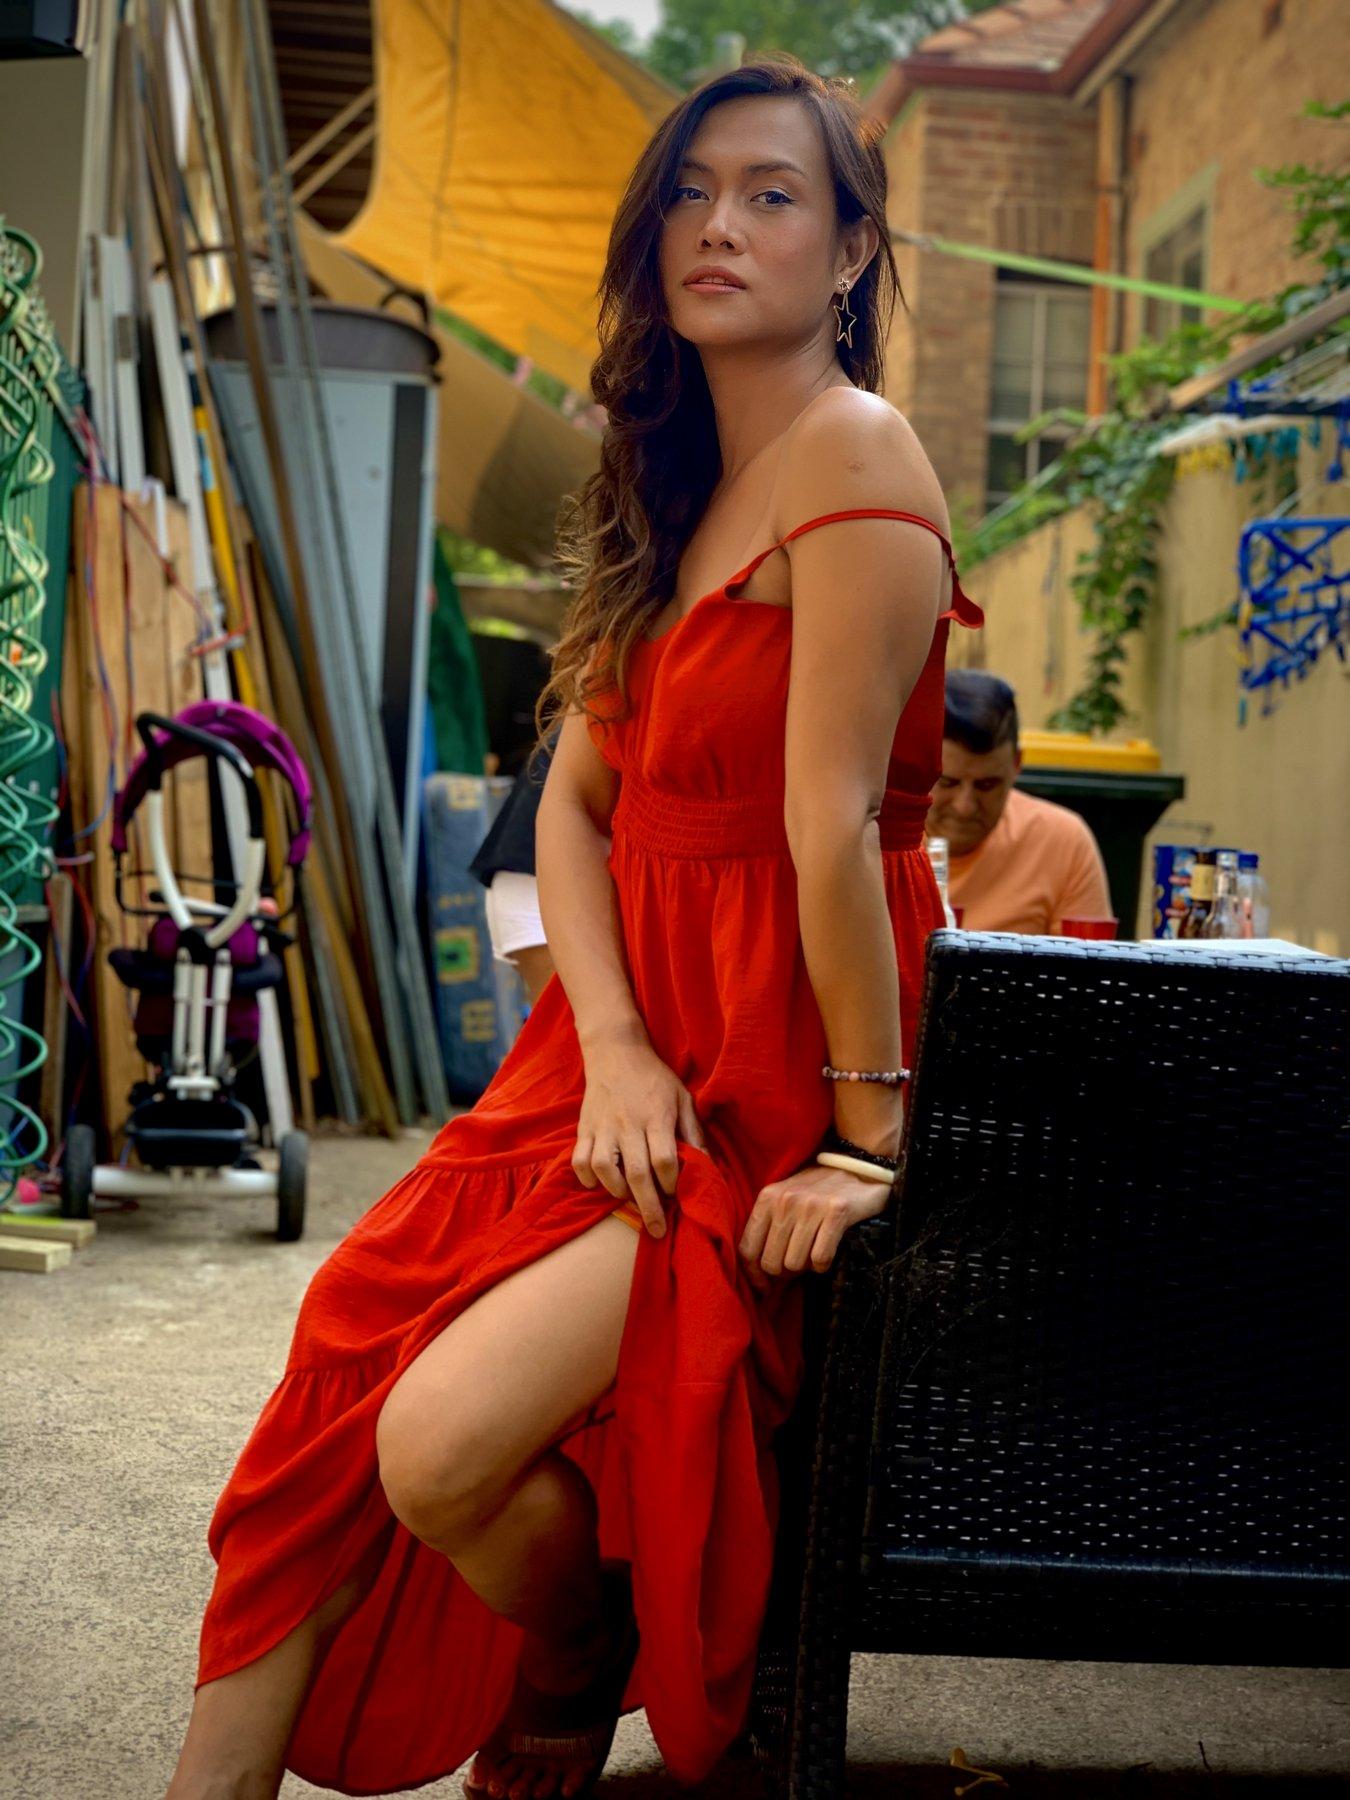 TS Svetlana, Filipino Transsexual escort in Sydney